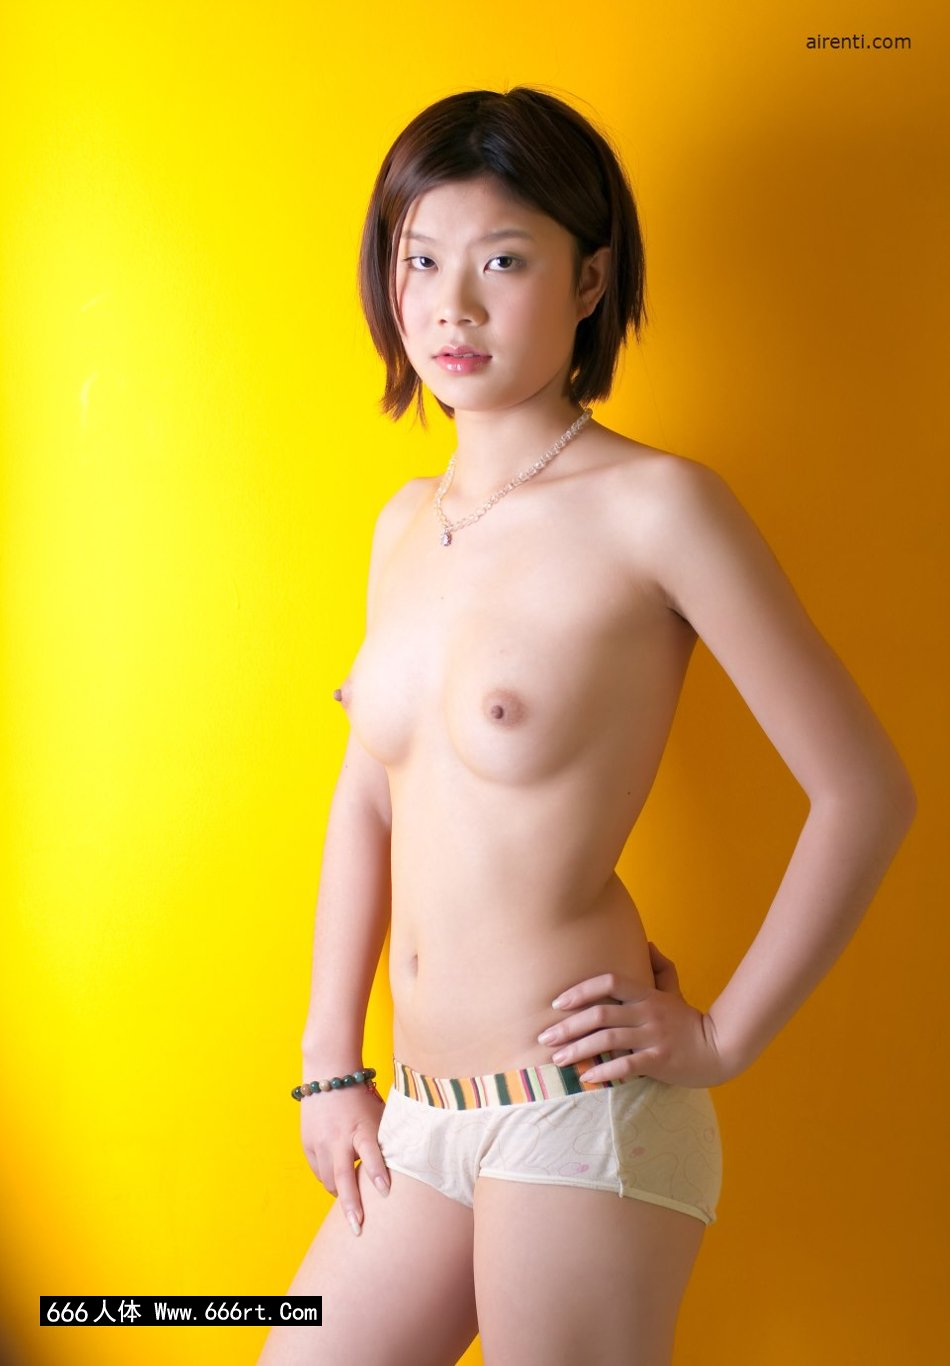 真人裸交有声性动态图_黄色背景室拍穿着泳装的宋蕊